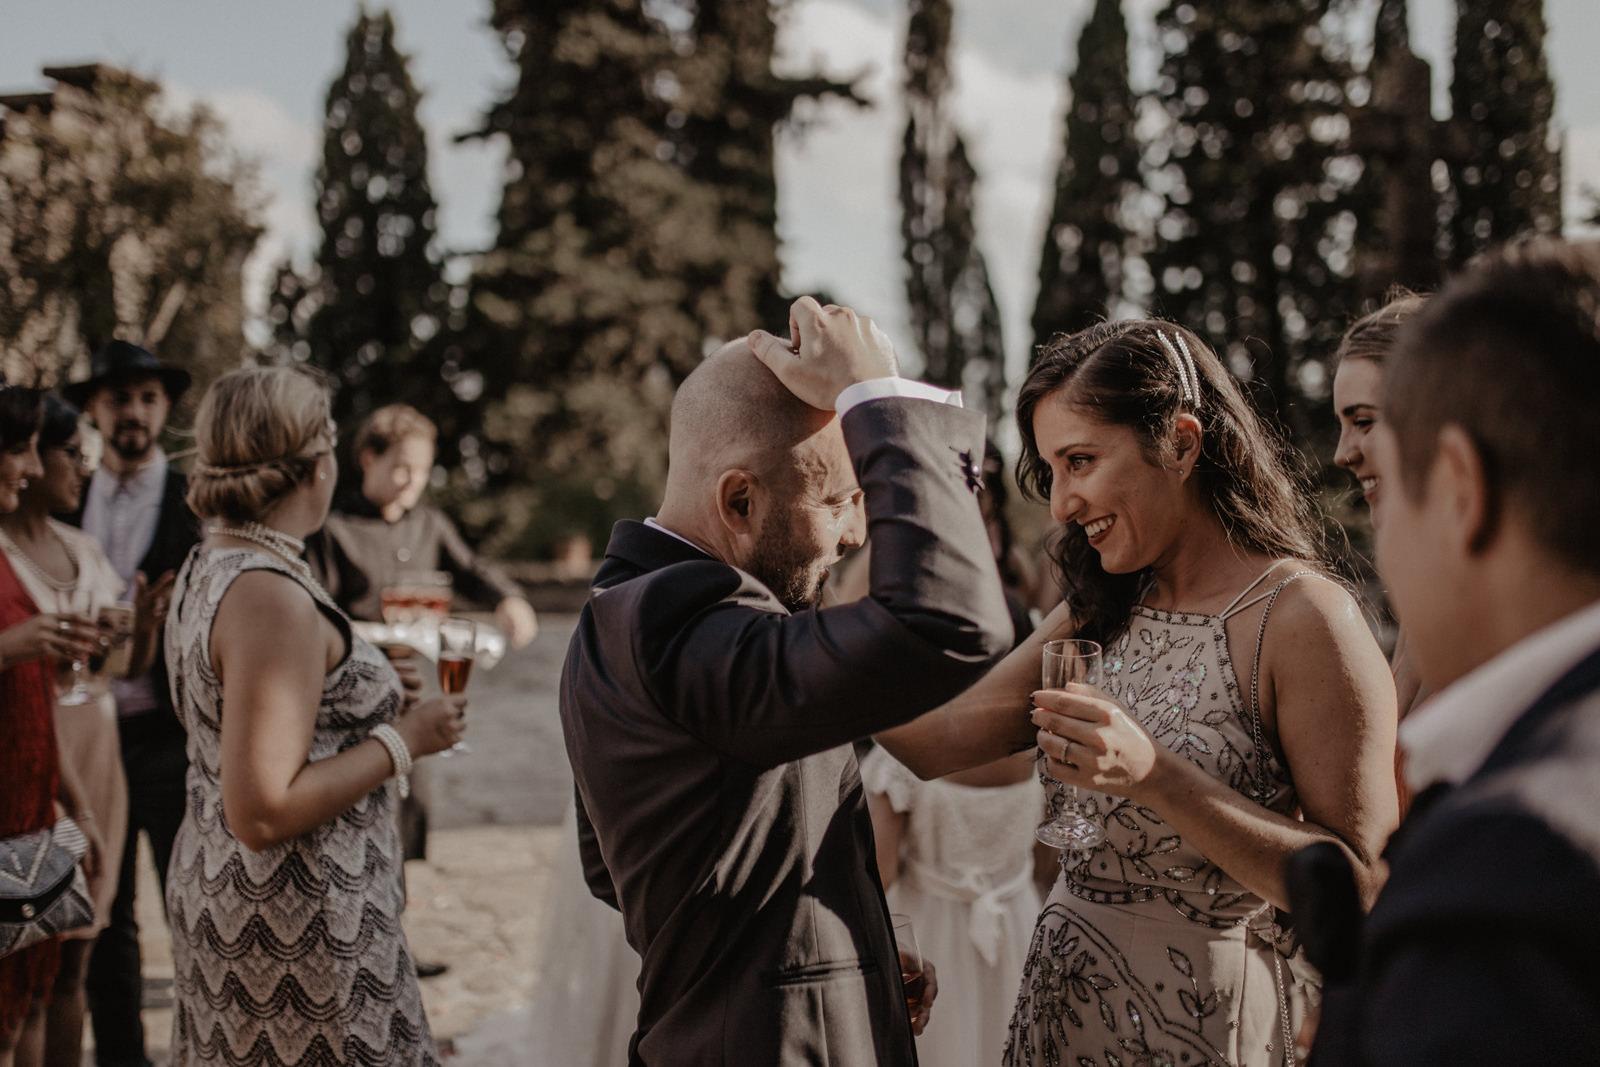 thenortherngirlphotography_photography_thenortherngirl_rebeccascabros_wedding_weddingphotography_weddingphotographer_barcelona_bodaenlabaronia_labaronia_japanesewedding_destinationwedding_shokoalbert-486.jpg